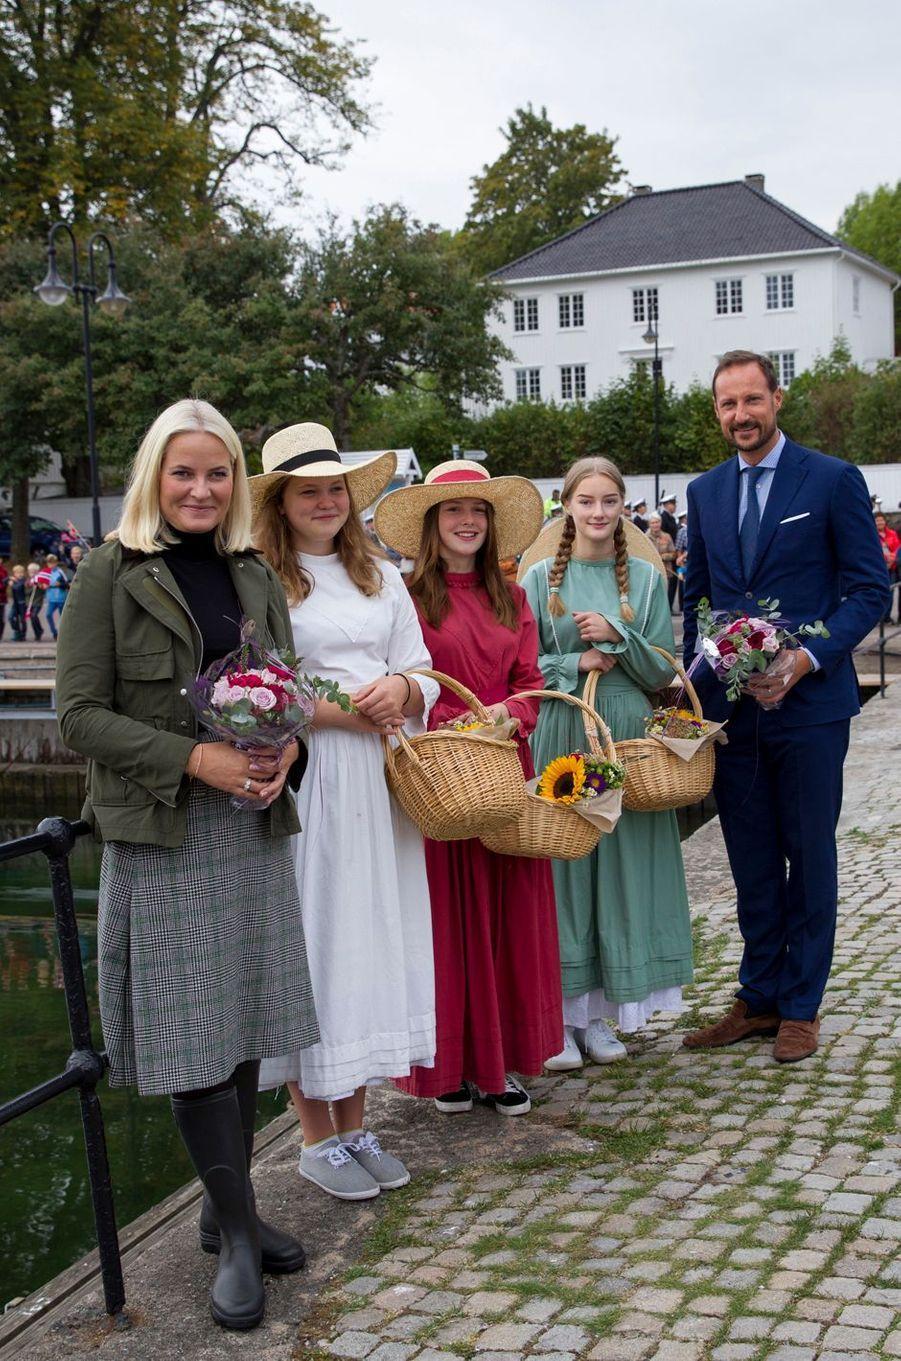 La princesse Mette-Marit et le prince Haakon de Norvège à Asgardstrand, le 5 septembre 2018